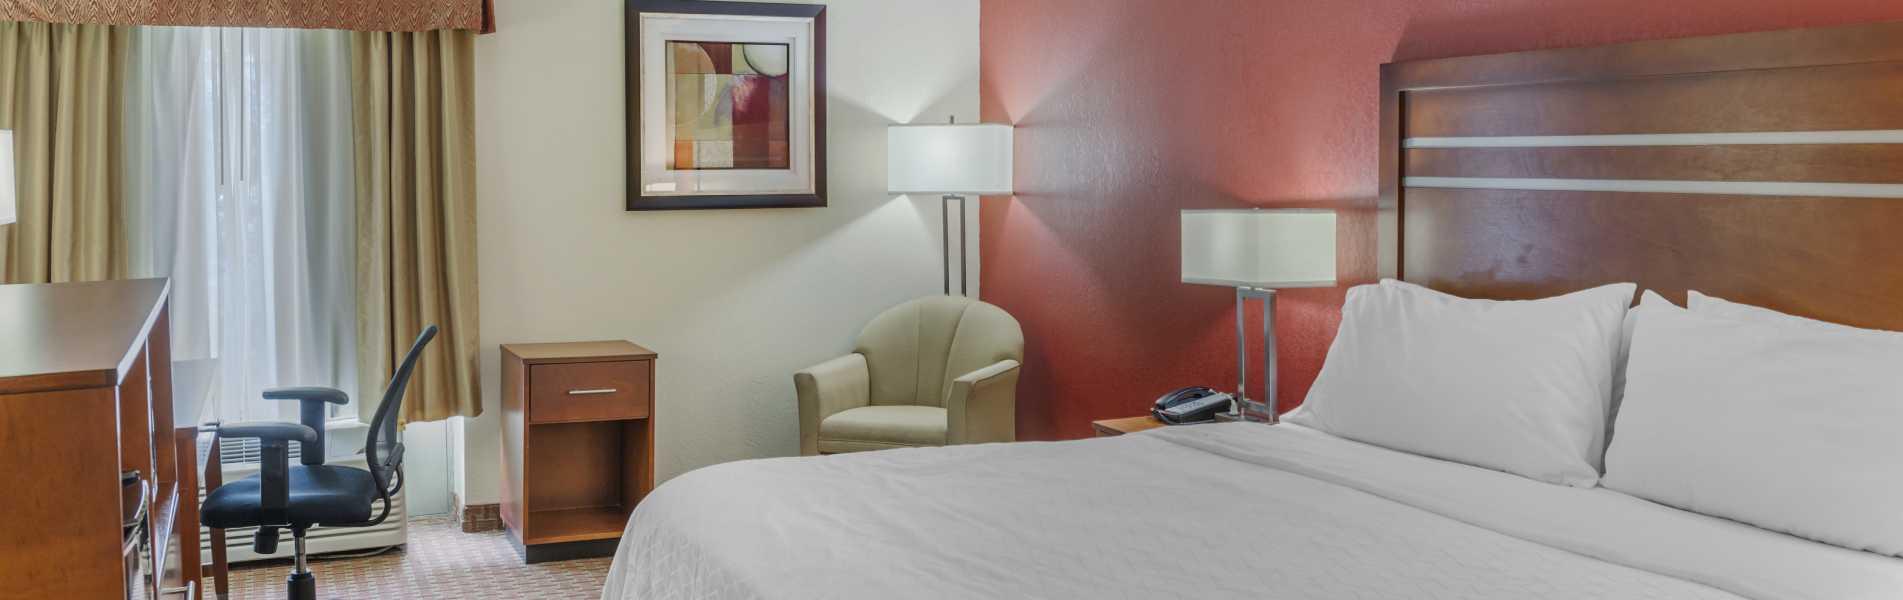 Holiday Inn Express Mechanicsburg